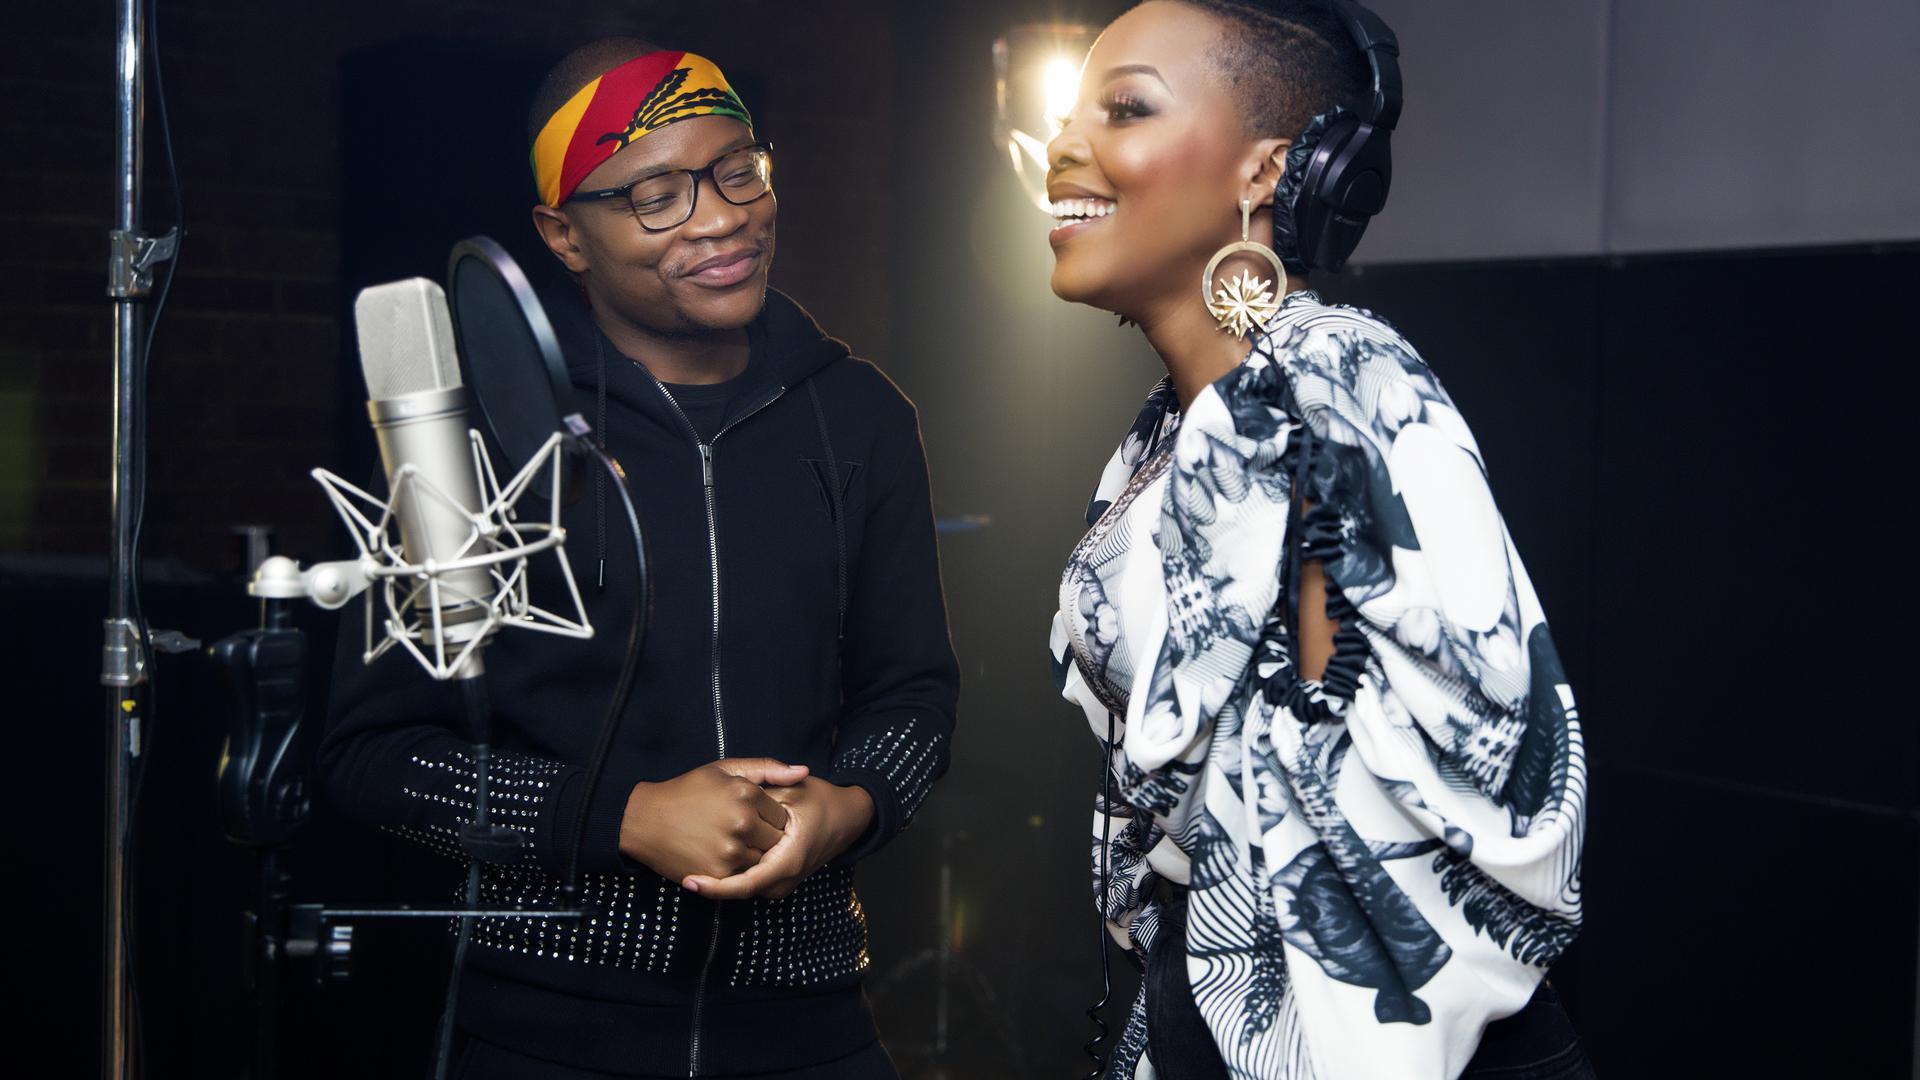 Der Südafrikaner DJ Master KG und Nomcebo Zikode vor einem Mikrofon.